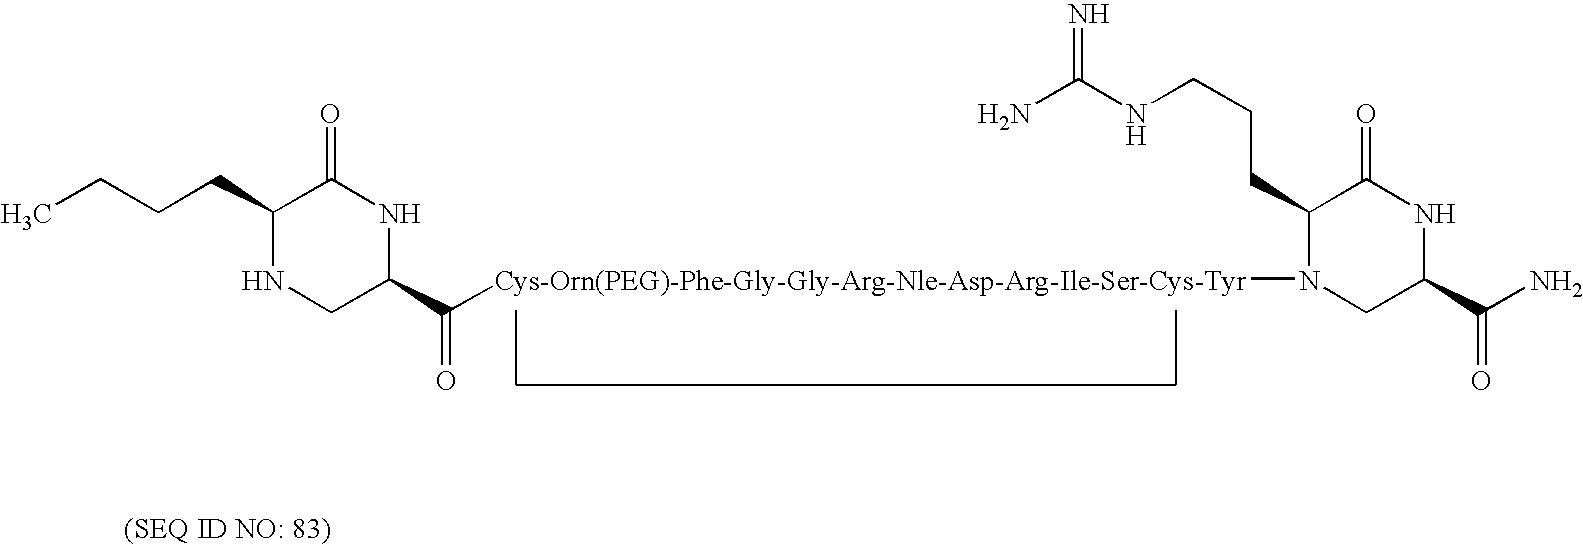 Figure US07622440-20091124-C00384